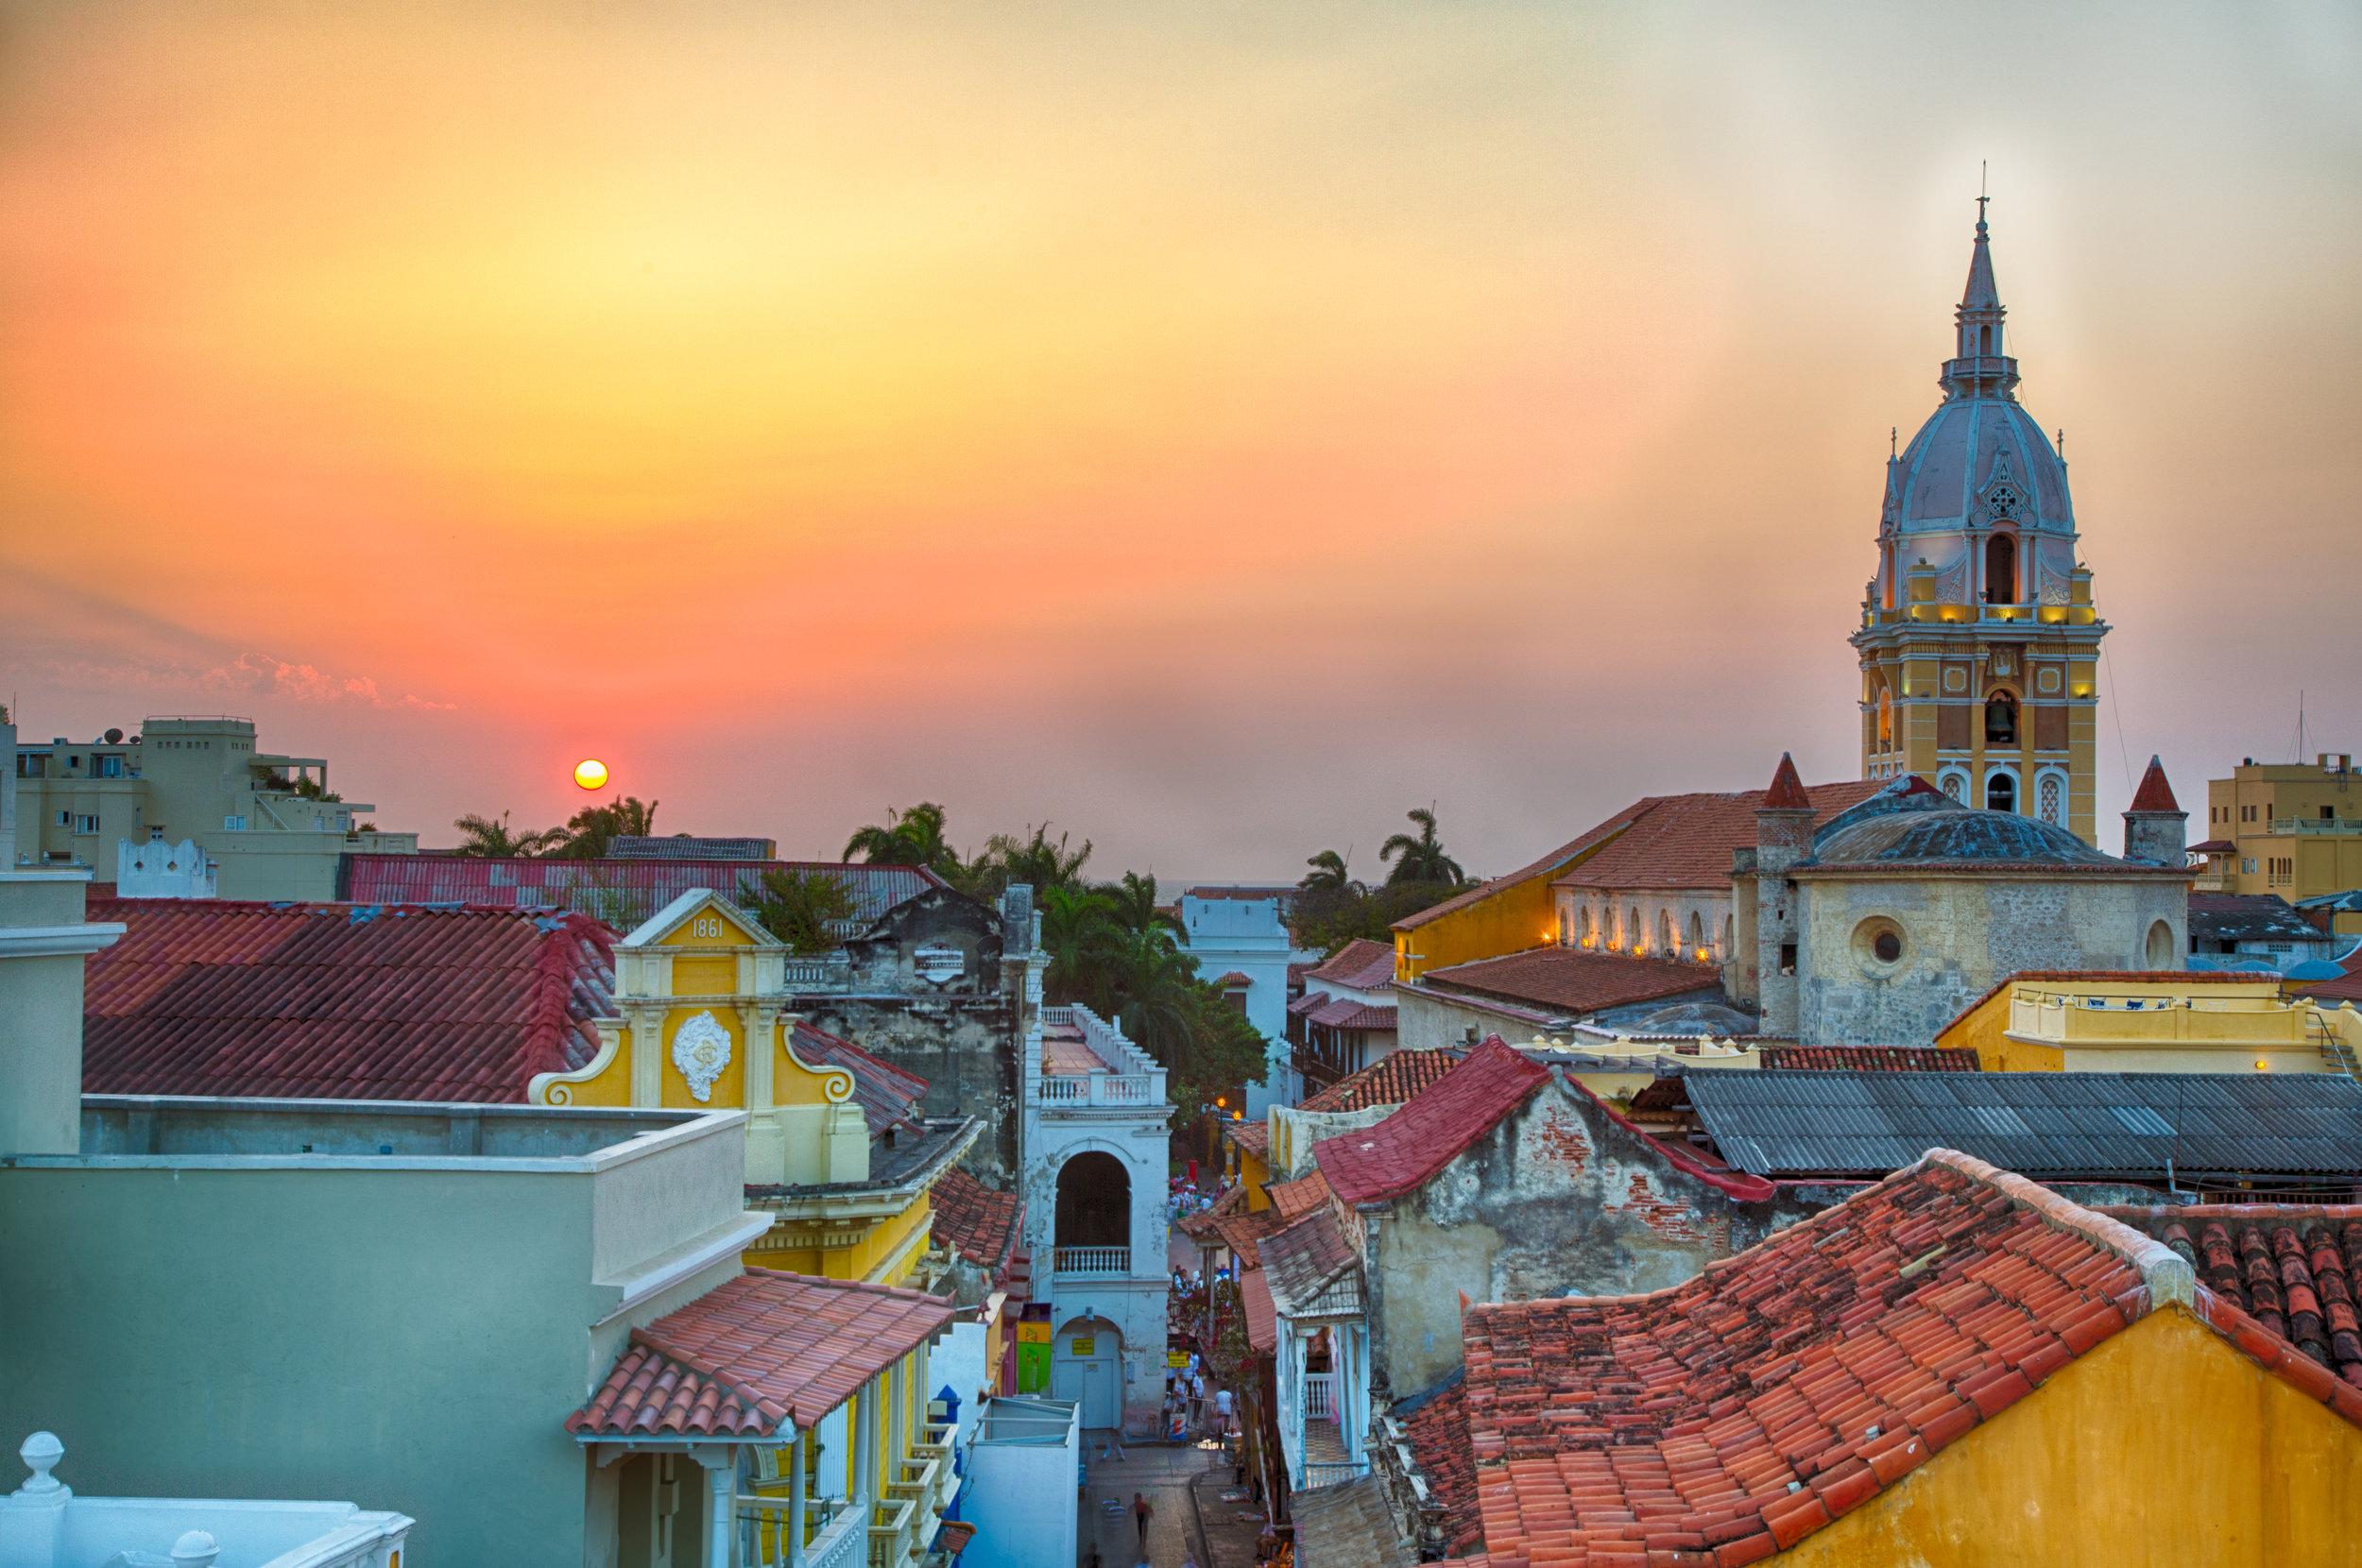 Sunset-over-Cartagena-472552712_5578x3704.jpeg